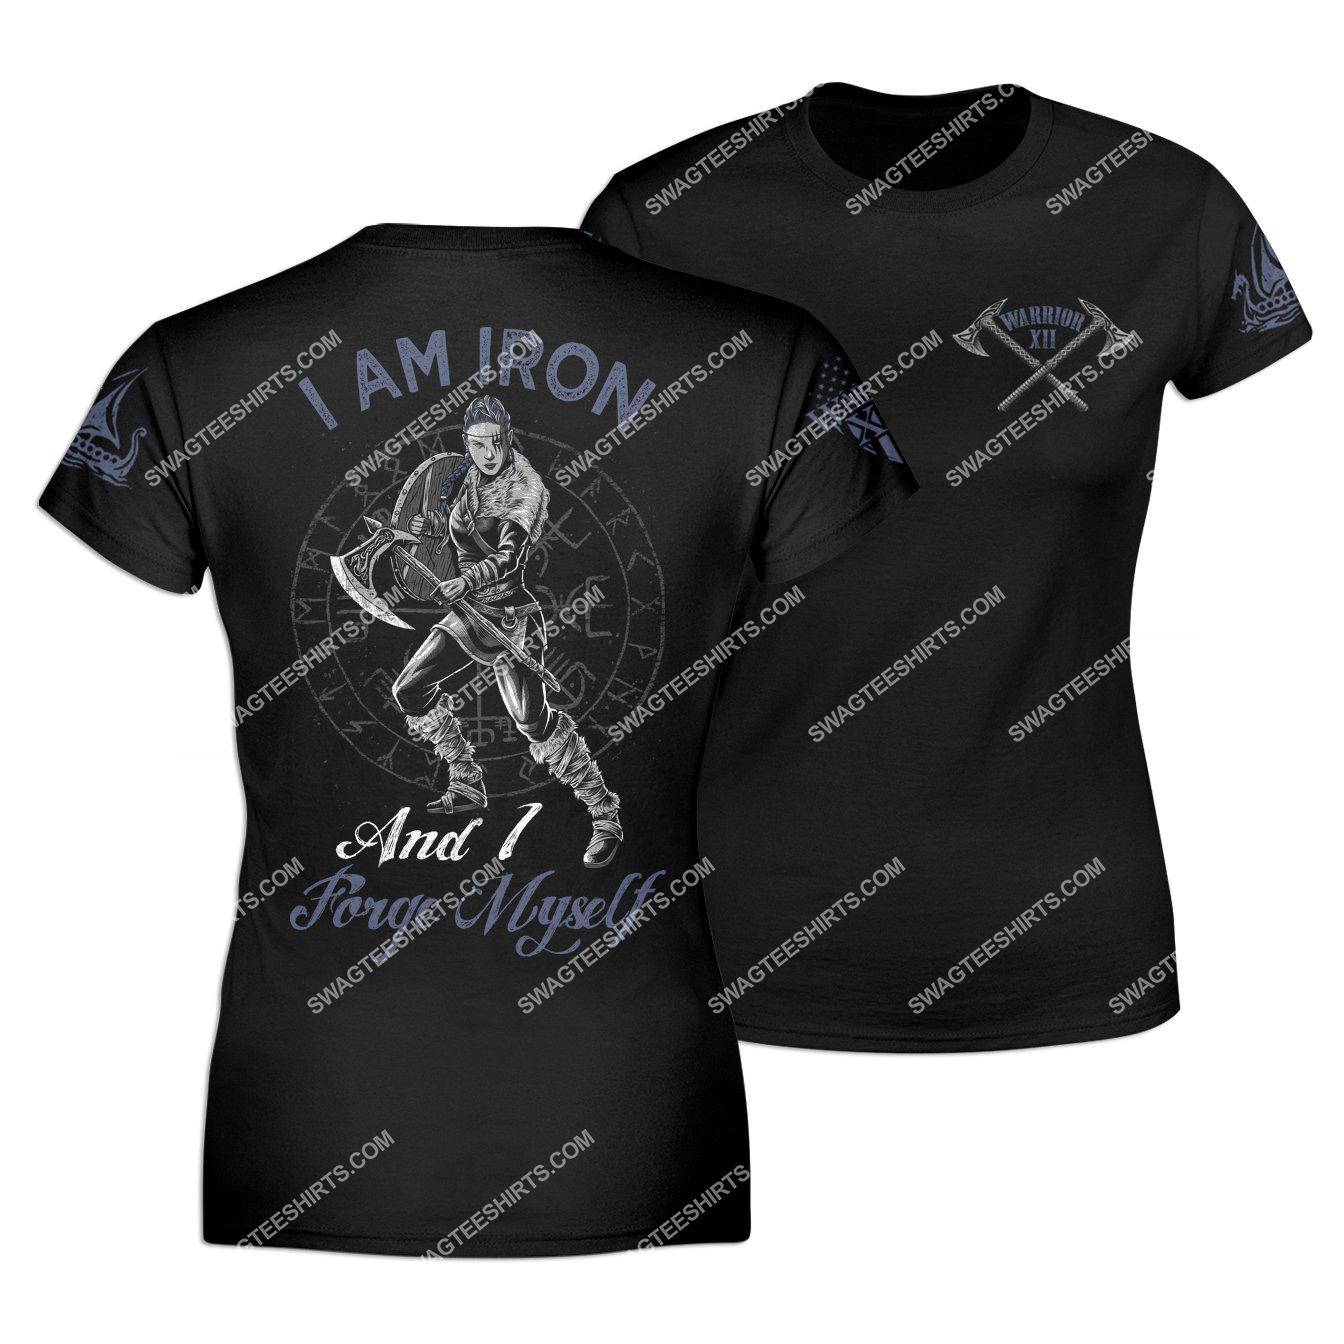 i am iron and i forge myself viking warrior shirt 1